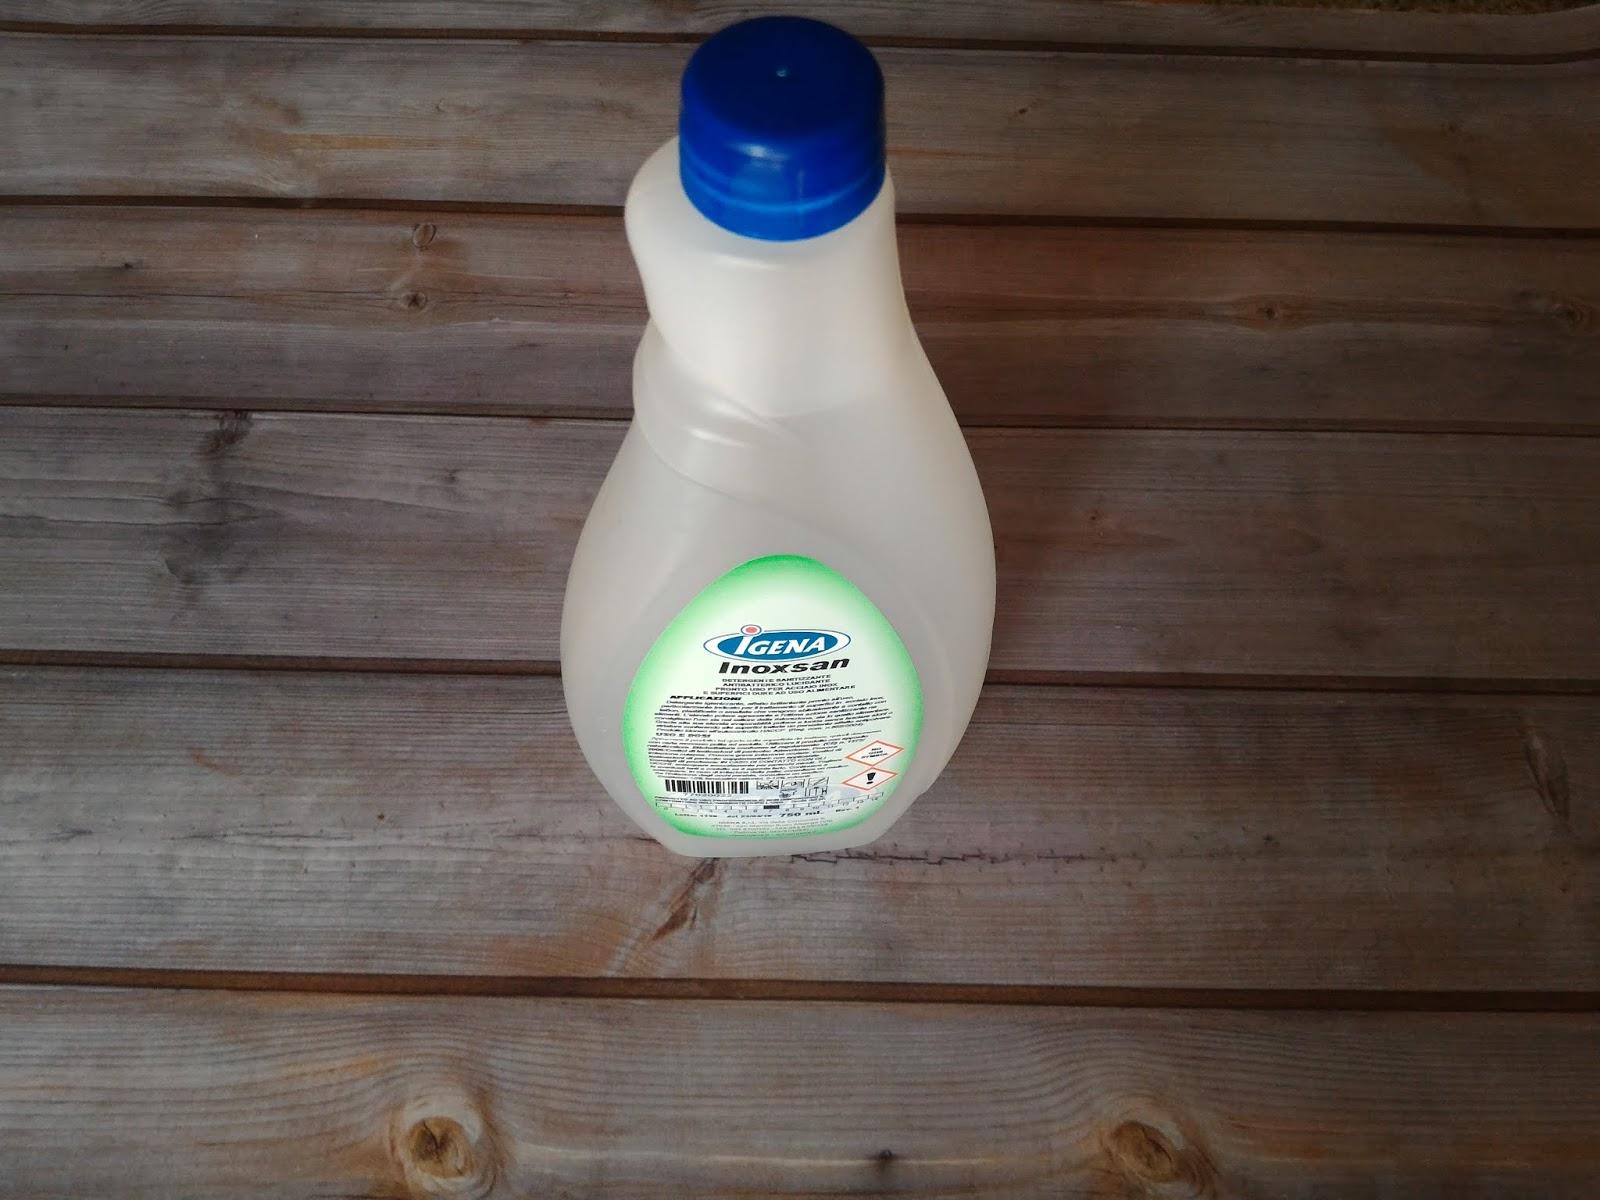 Giochi Di Pulire La Casa igena per pulire casa prodotti ottimi per la pulizia della casa